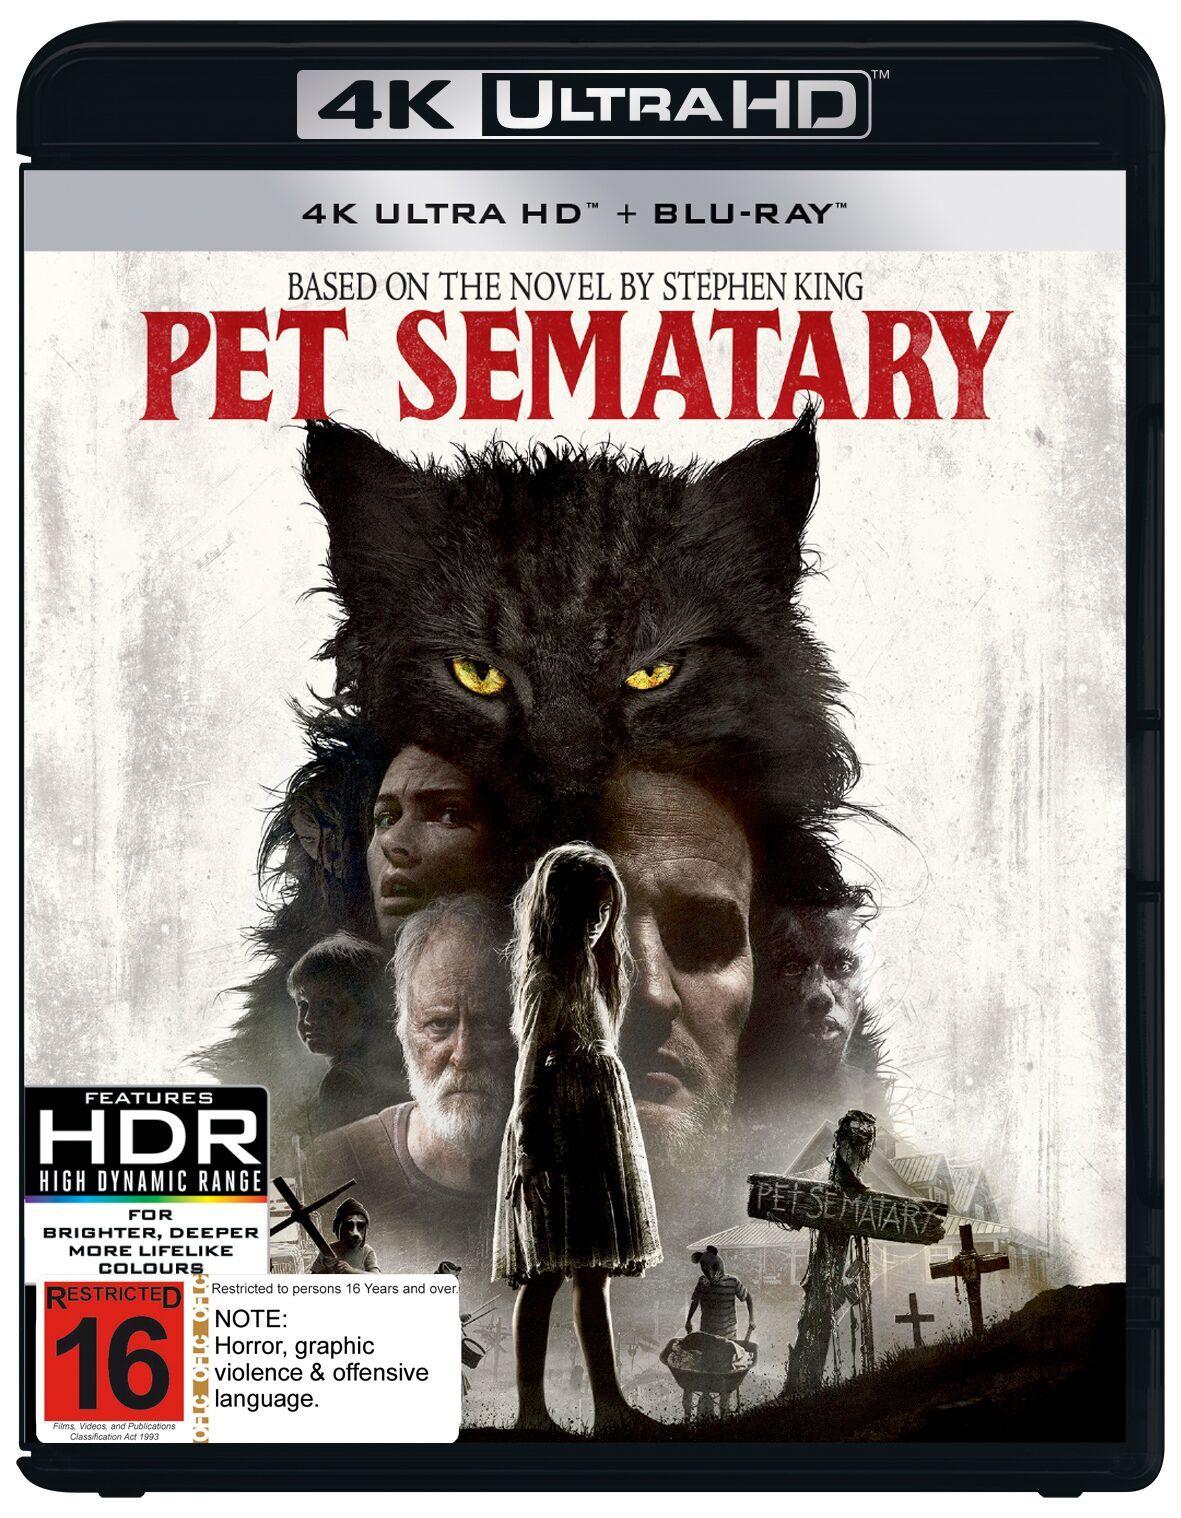 Pet Sematary (2019) (4K UHD + Blu-ray) on UHD Blu-ray image